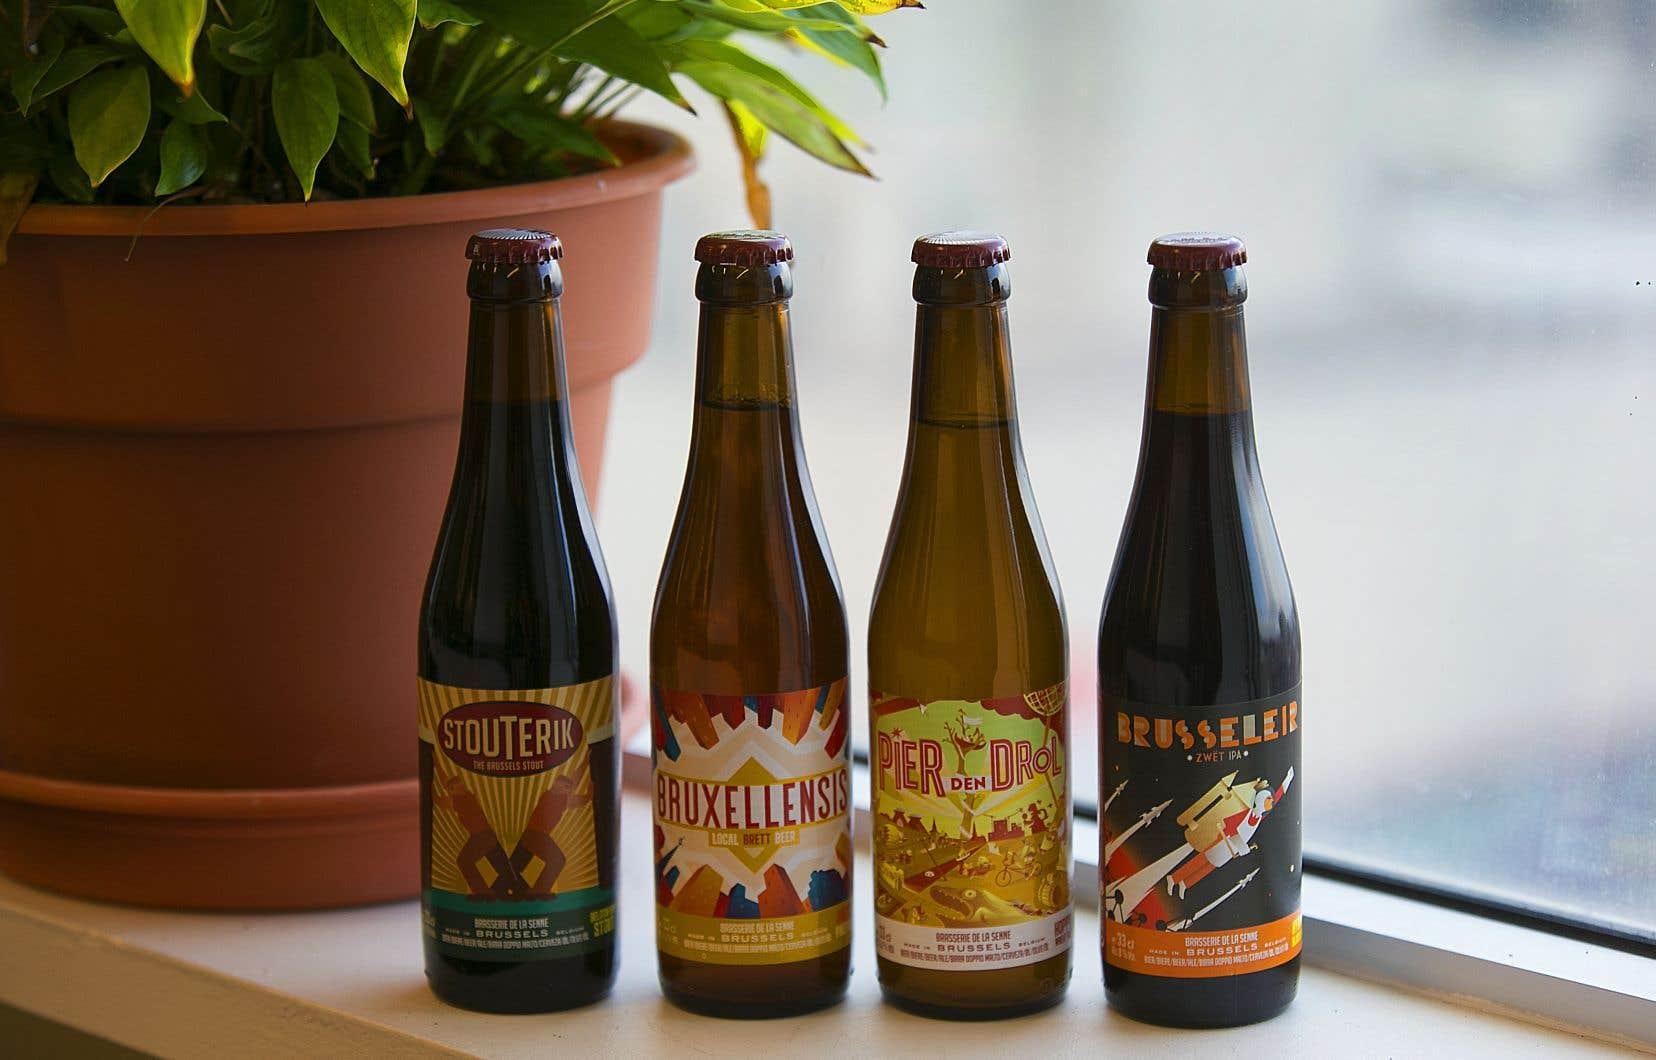 Depuis une dizaine d'années, le plat pays s'ouvre aux nouvelles tendances brassicoles grâce au travail du brasseur et cofondateur de la Brasserie de la Senne, Yvan De Baets, qui a contribué à remettre au goût des Belges les bières sèches et amères.